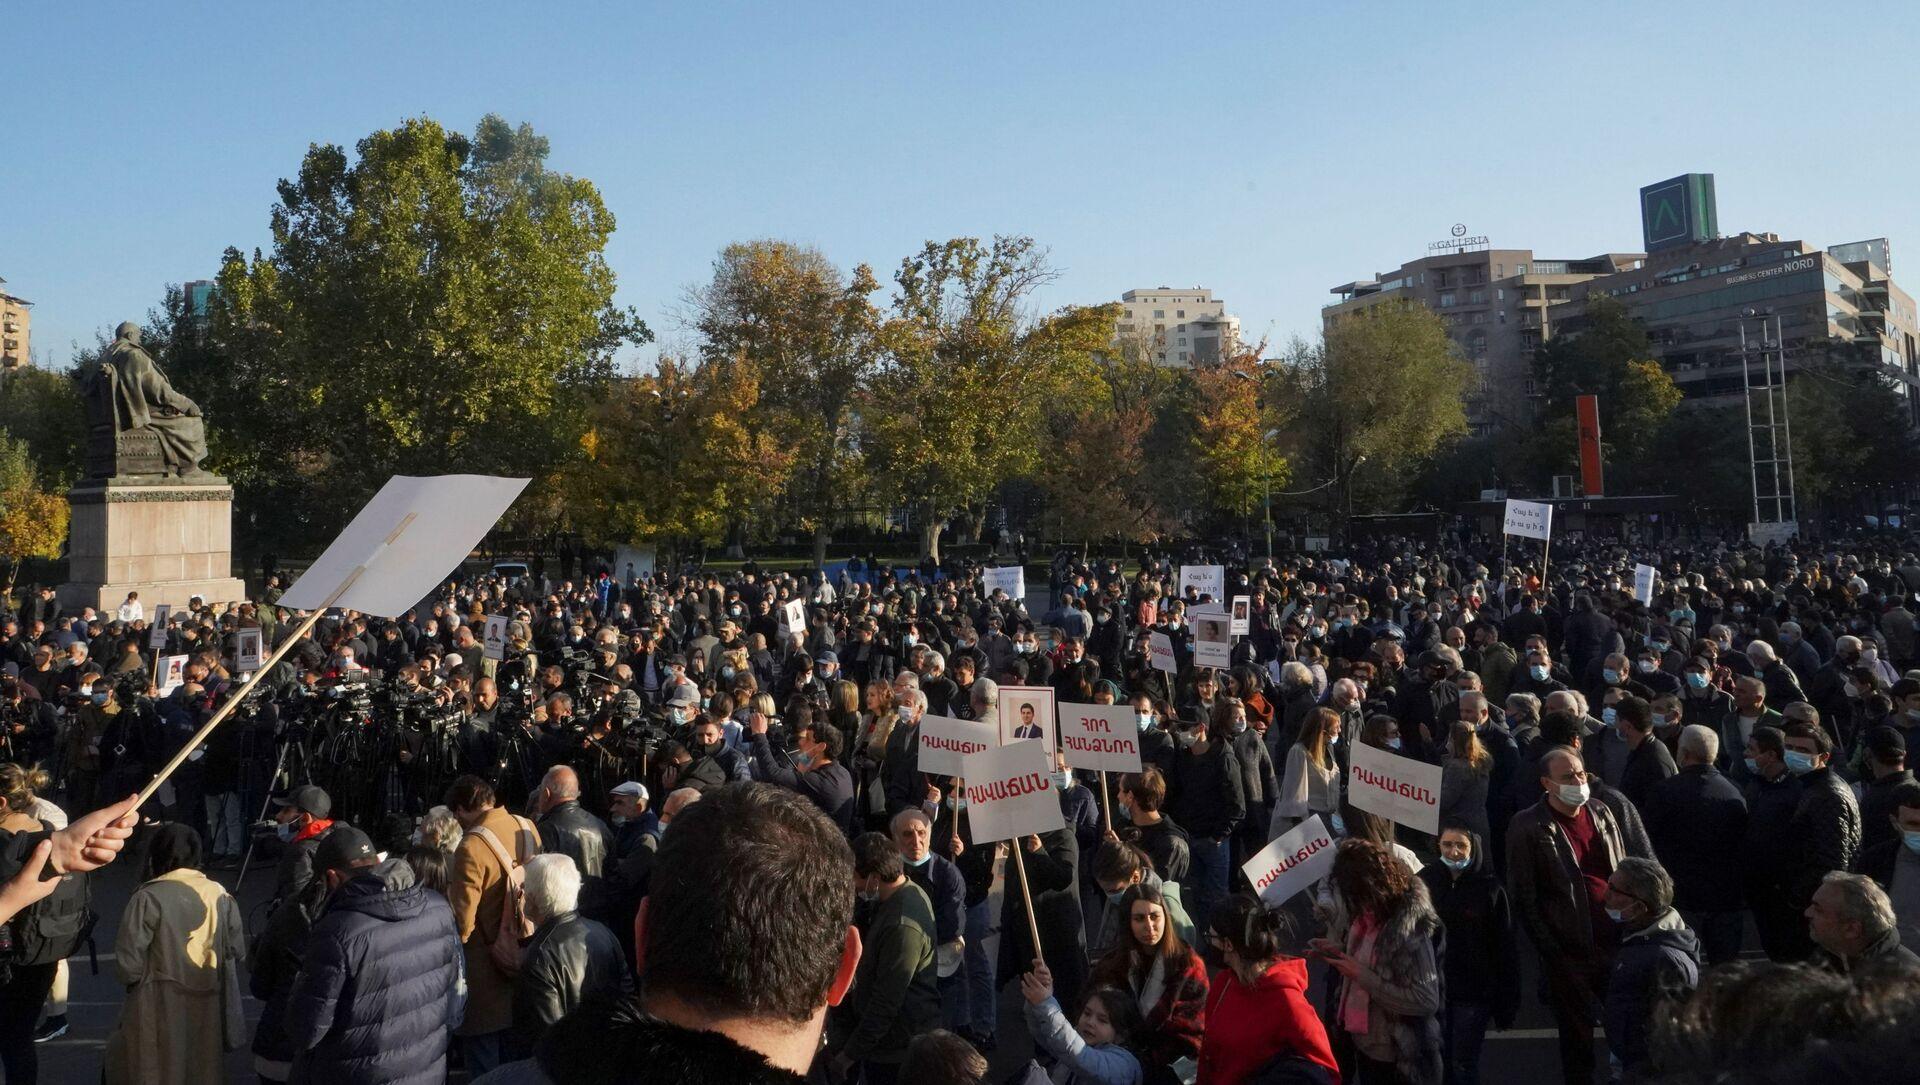 Las protestas en Armenia por el acuerdo de Nagorno Karabaj - Sputnik Mundo, 1920, 22.11.2020